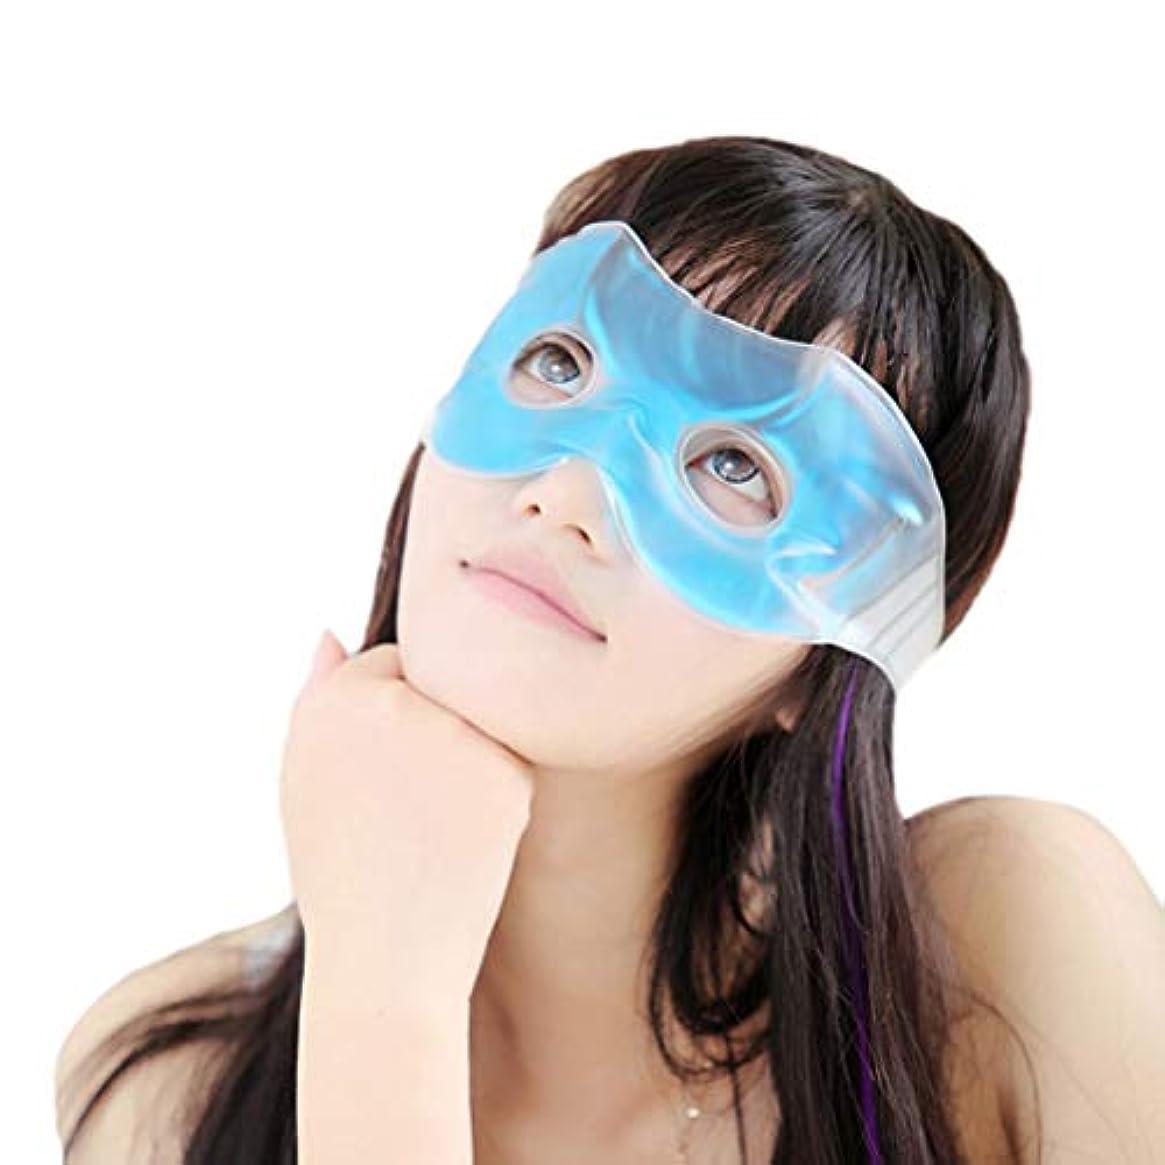 近々役に立たないメッシュHealifty アイマスク ゲル アイスパッド アイスアイマスク 目隠し リラックス 冷却 パック 再使用可能 目の疲れ軽減 安眠 血行促進